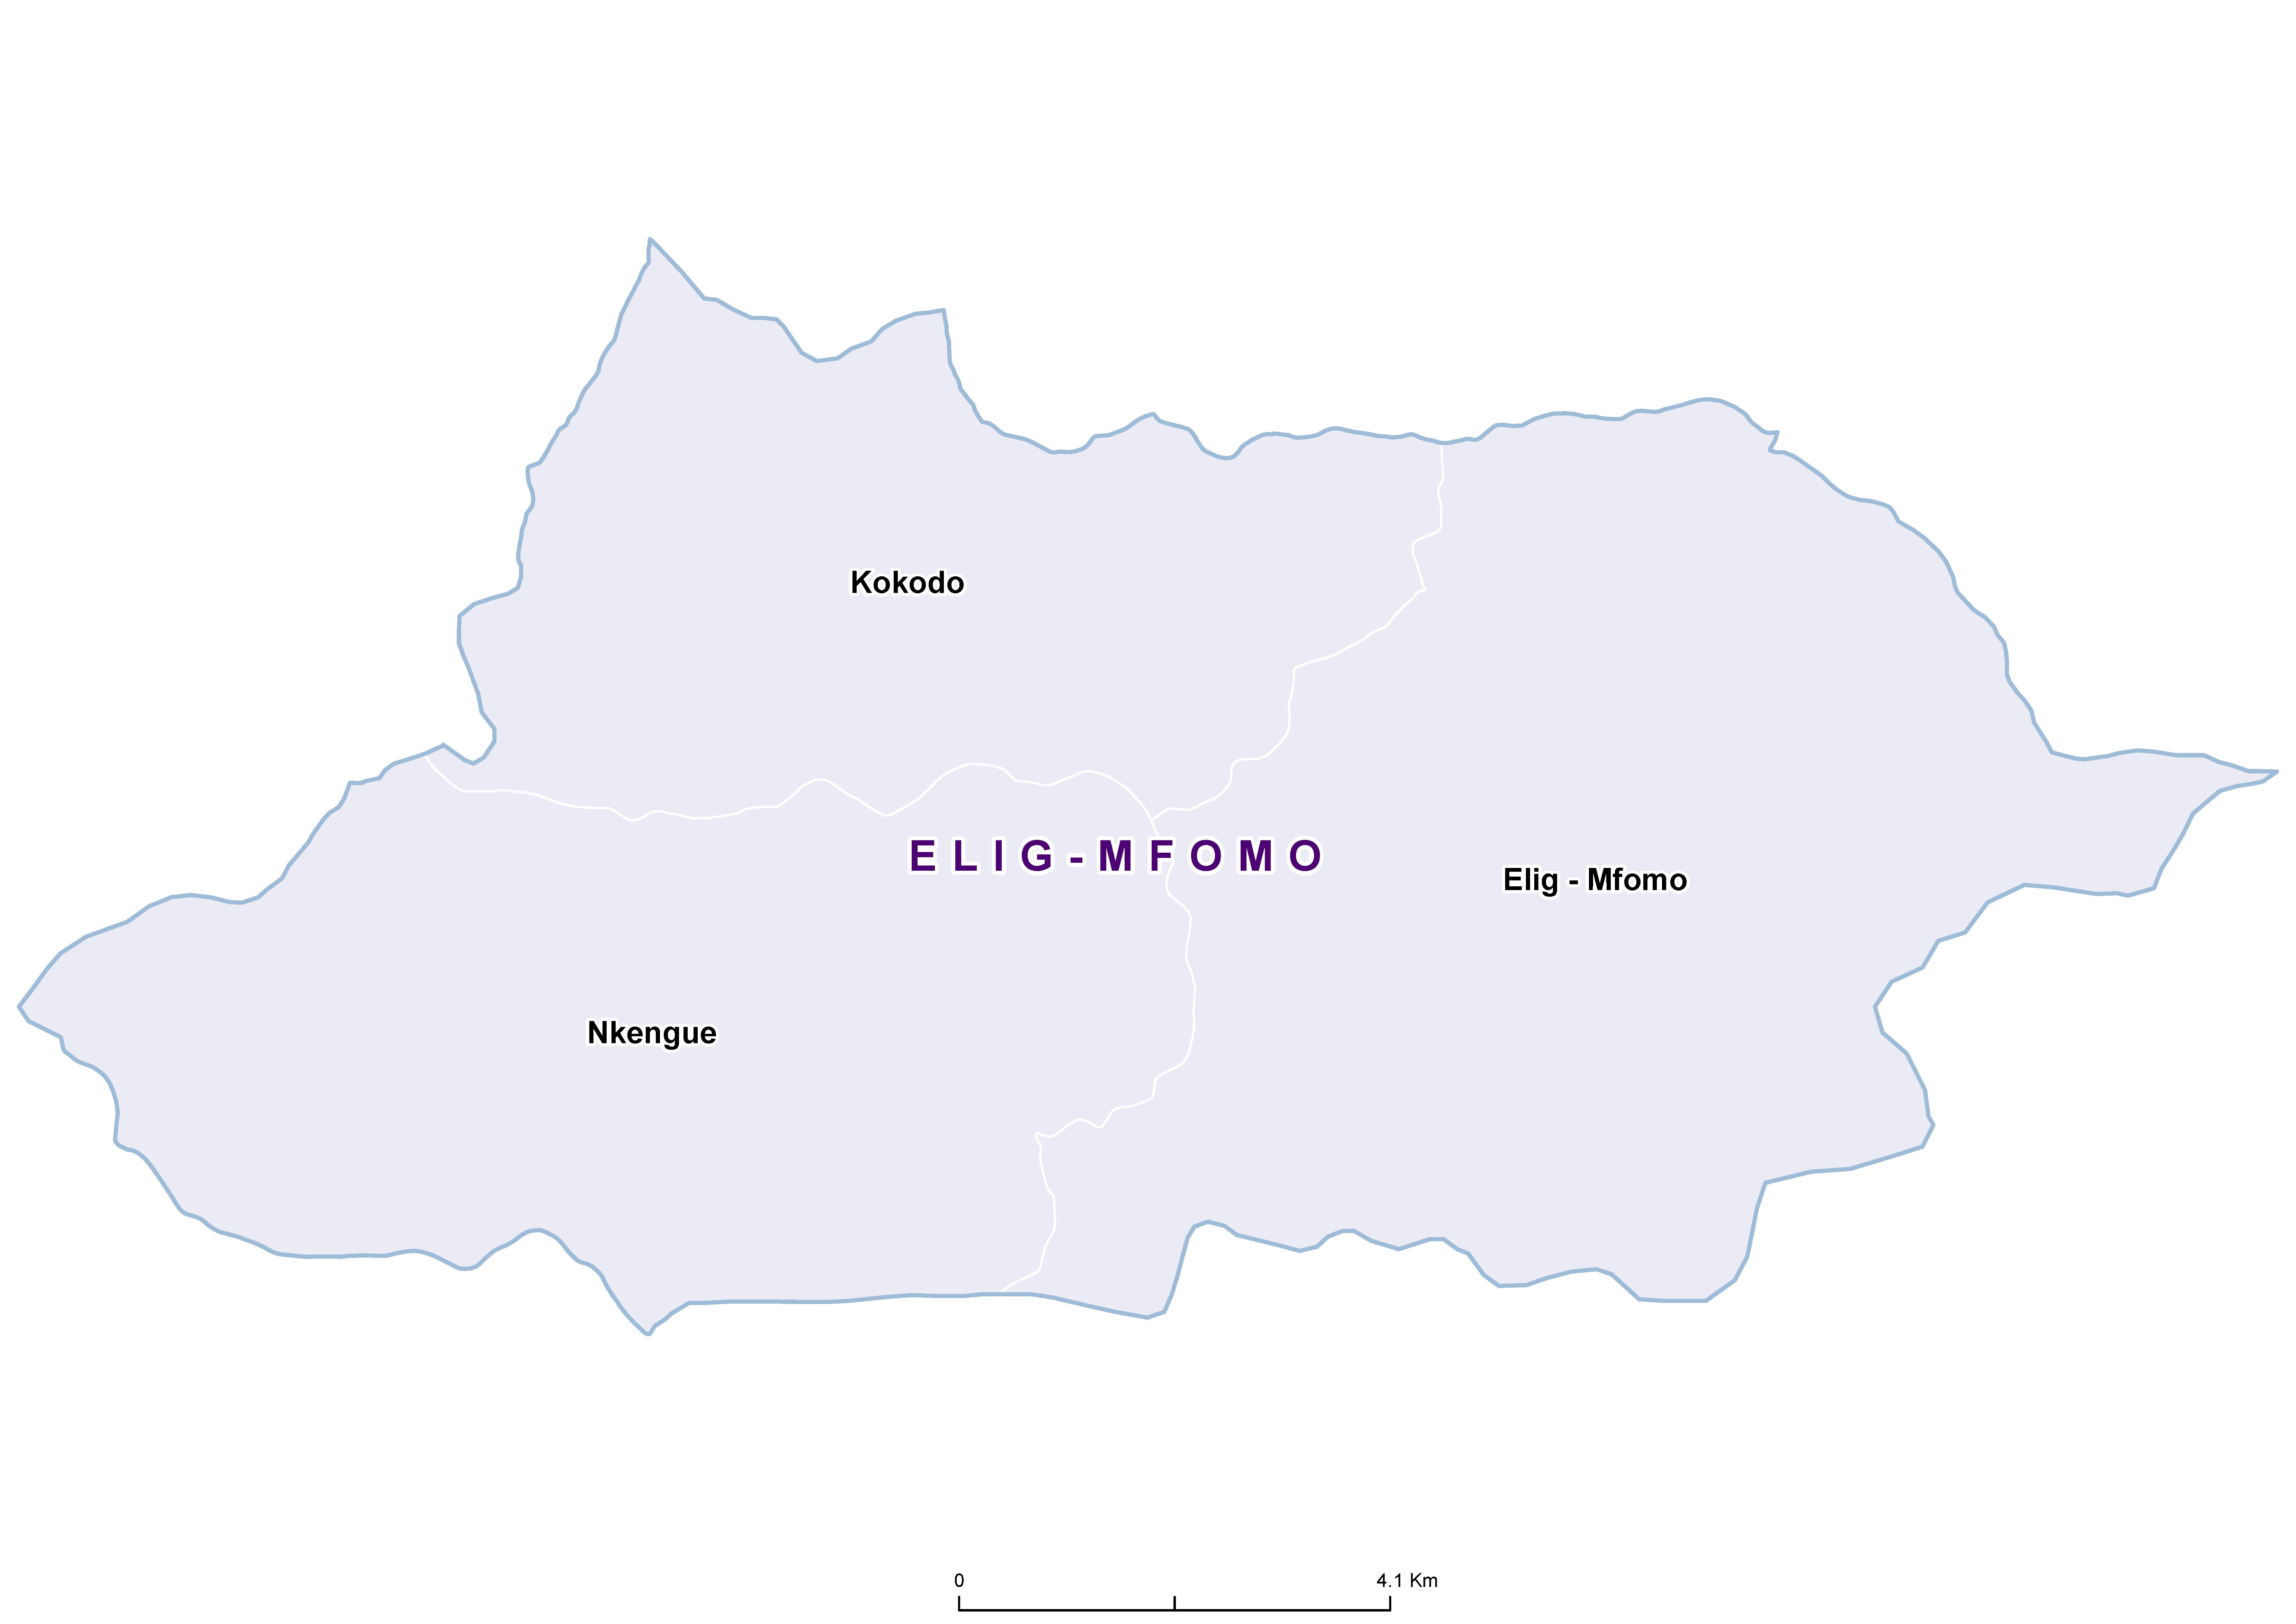 Elig-mfomo SCH 19850001